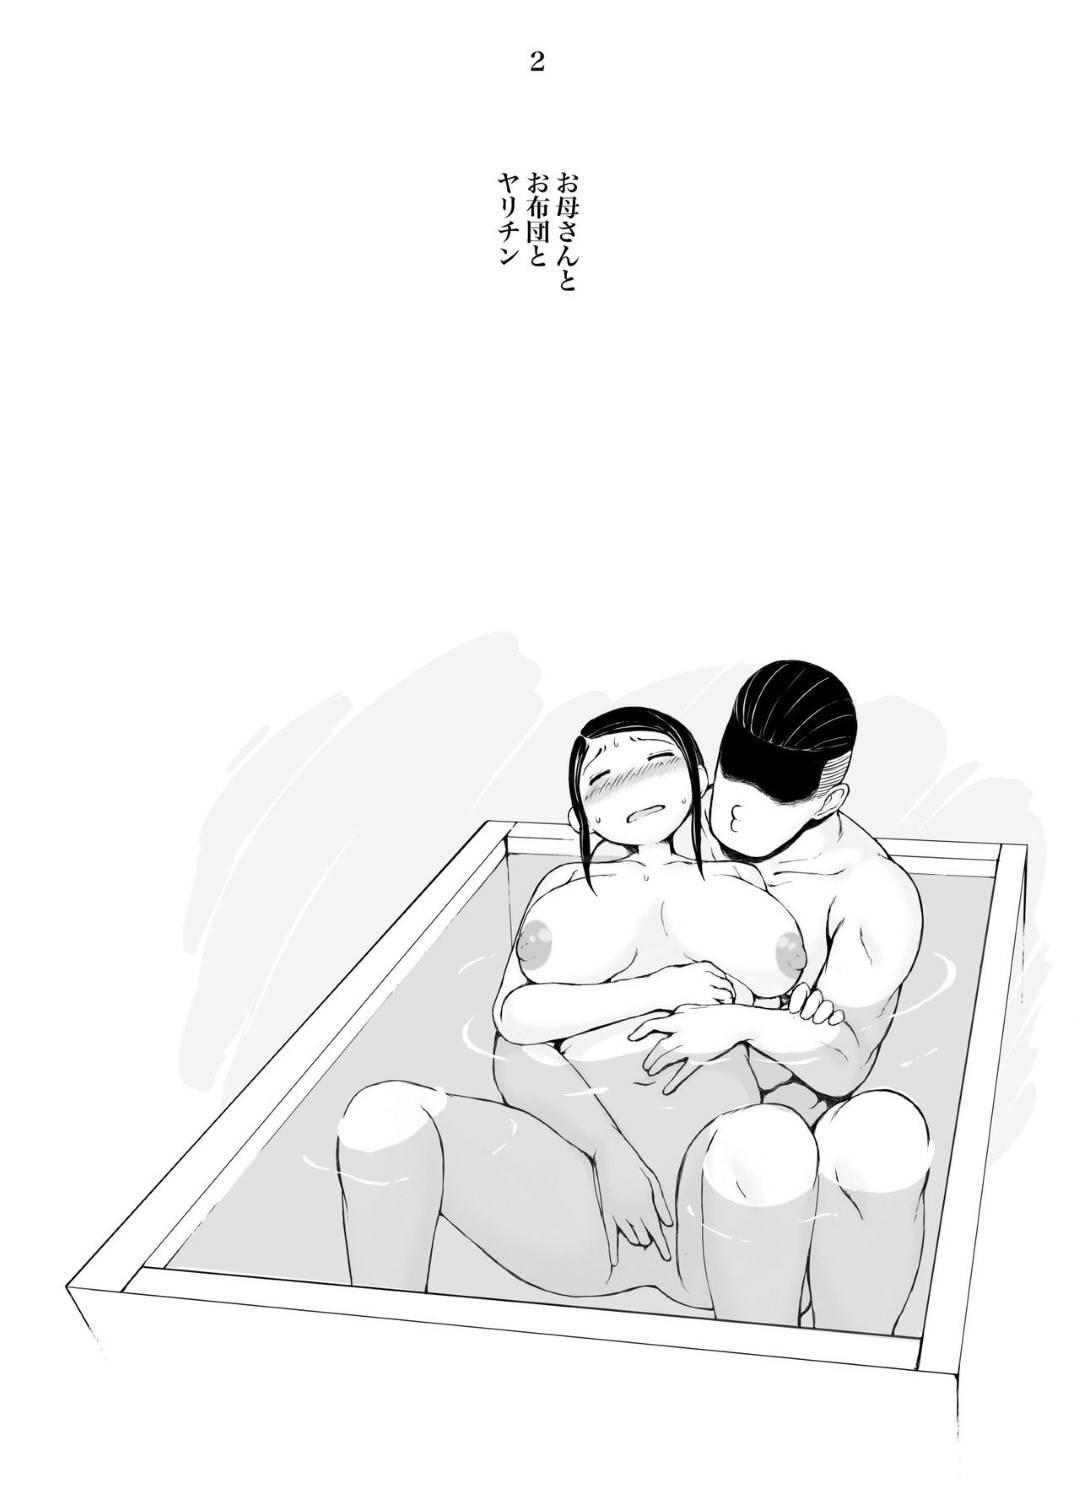 年下ヤリチンに寝取られちゃう美人な母親…強引にディープキスされちゃったり乳首舐めされちゃったりフェラされてど変態なトロ顔に寝取られて快楽堕ちしちゃう!【プルポアゾン:母喰い2 ヤリチン旅行編(上) ~おっとりお母さんはその旅館で年下ヤリチンに何度も抱かれて女を出した~】